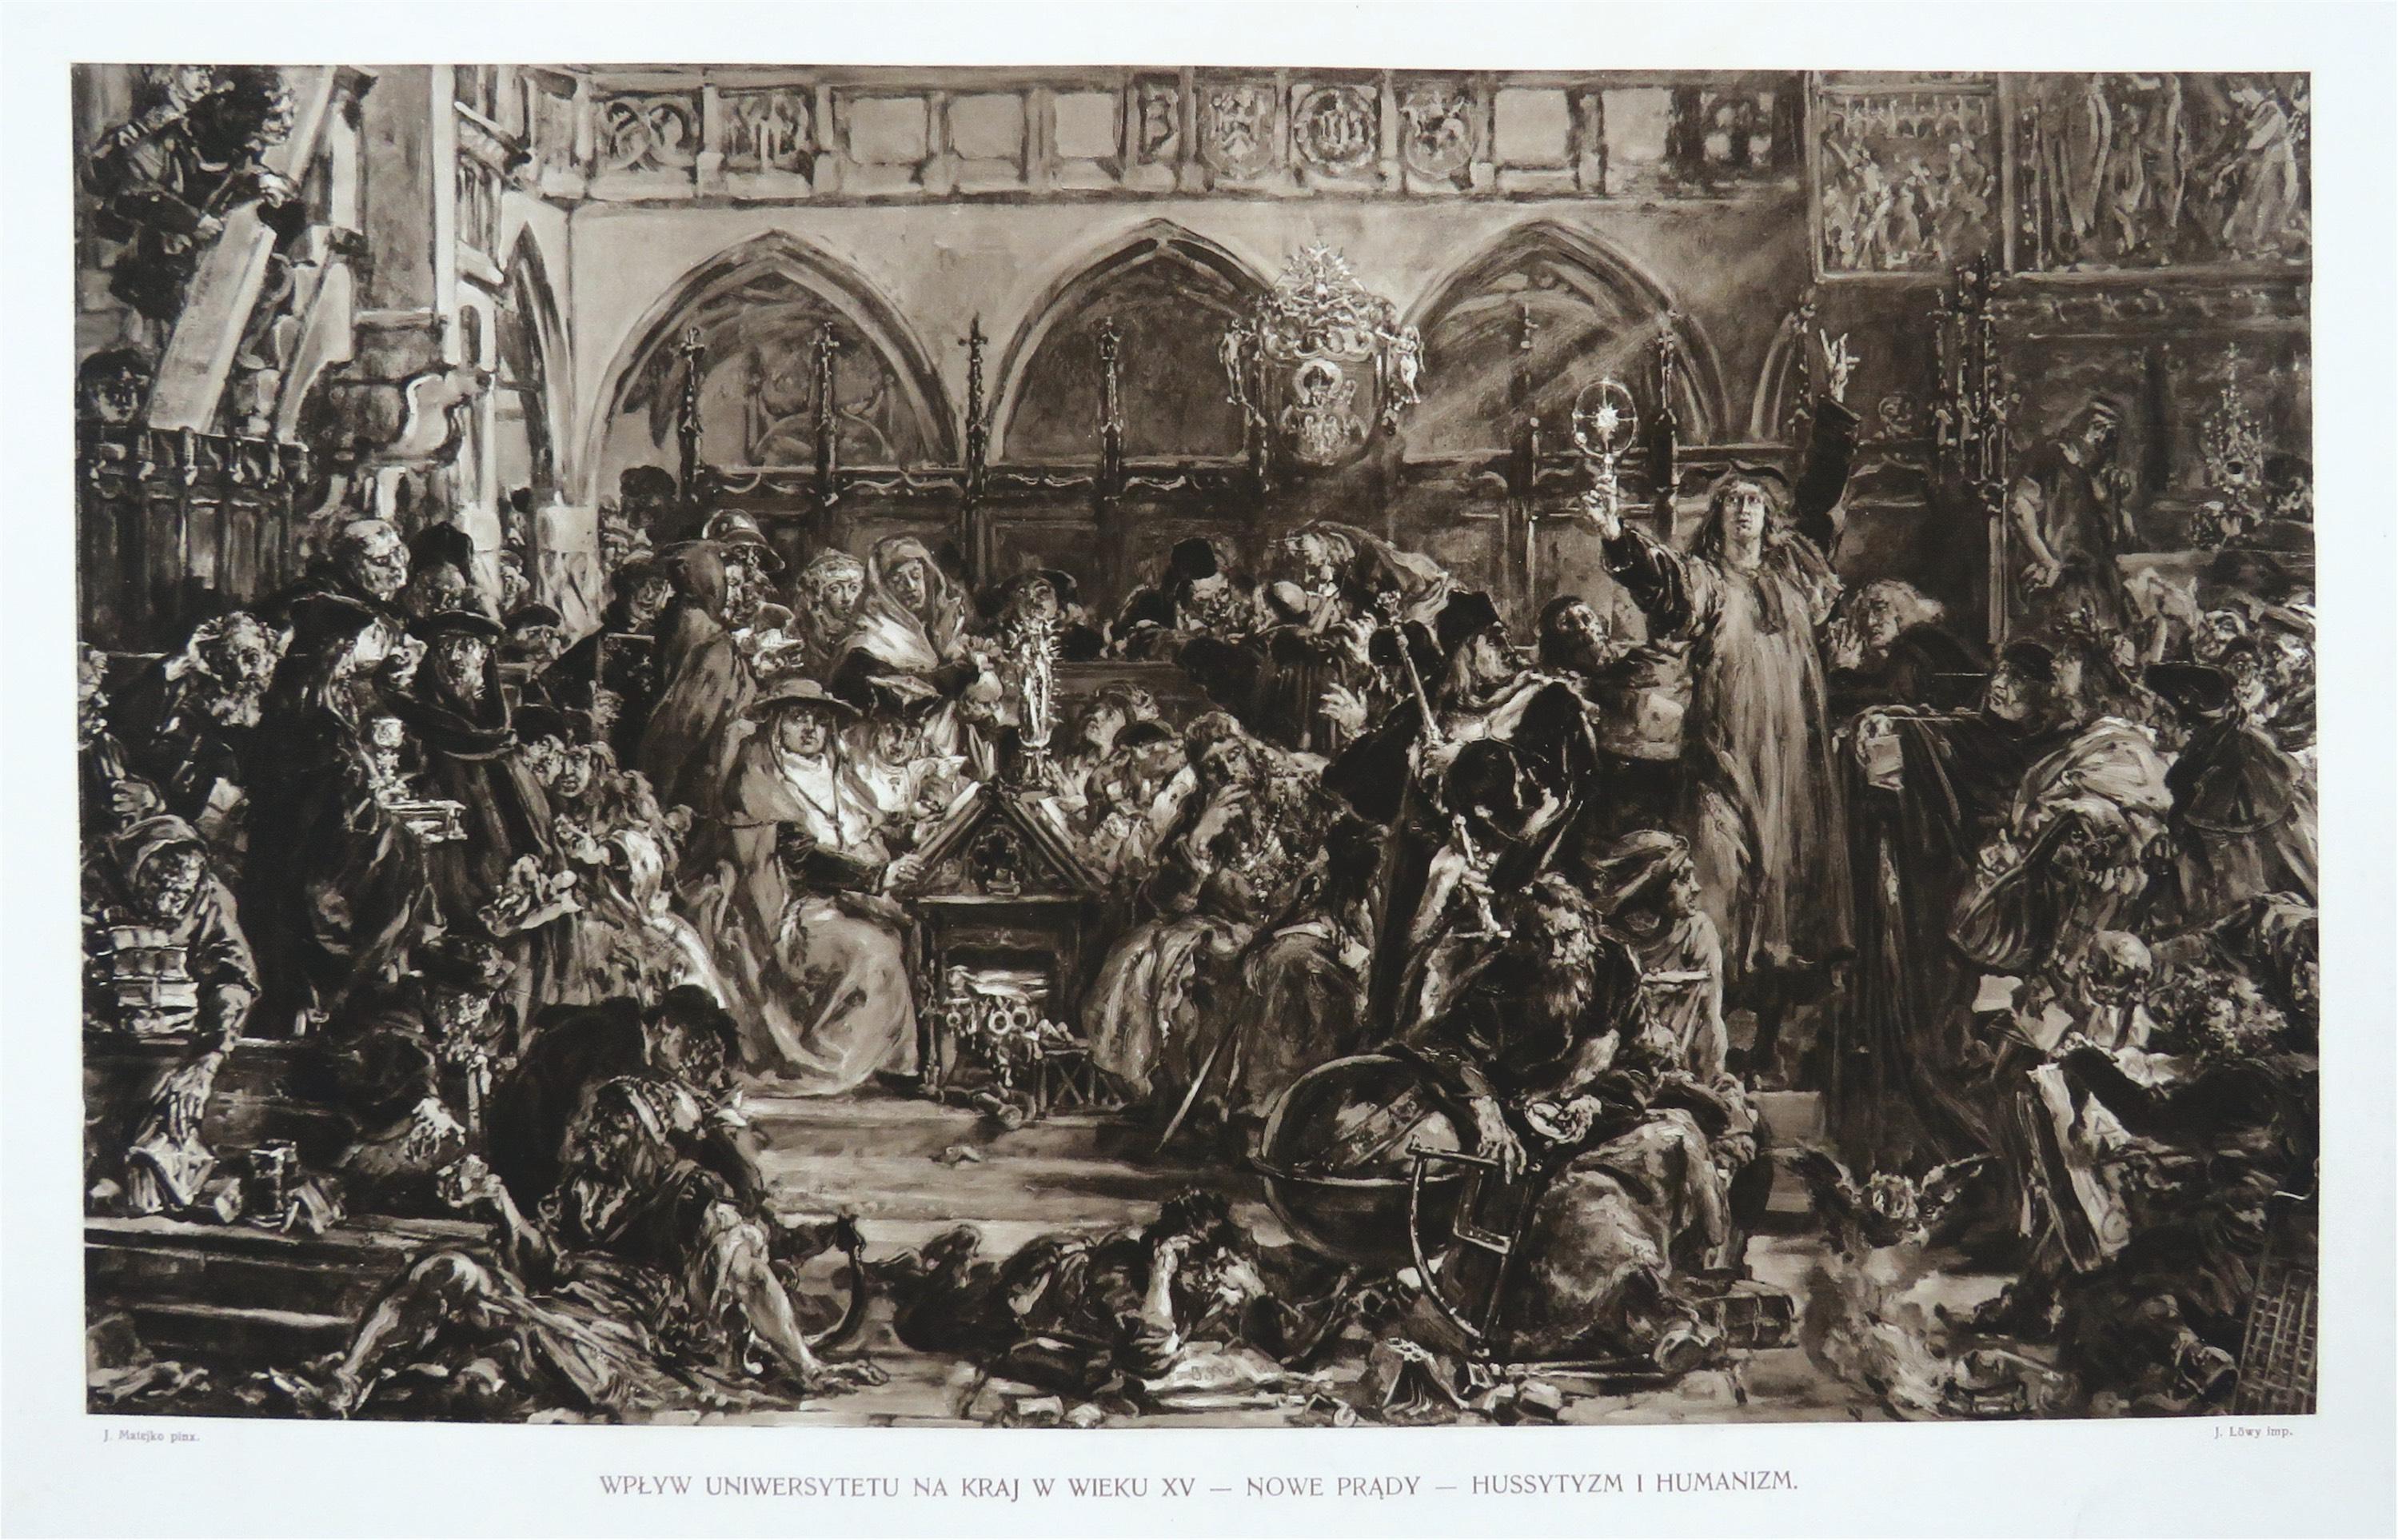 Wpływ Uniwersytetu na kraj w wieku XV – Nowe prądy – husytyzm i humanizm